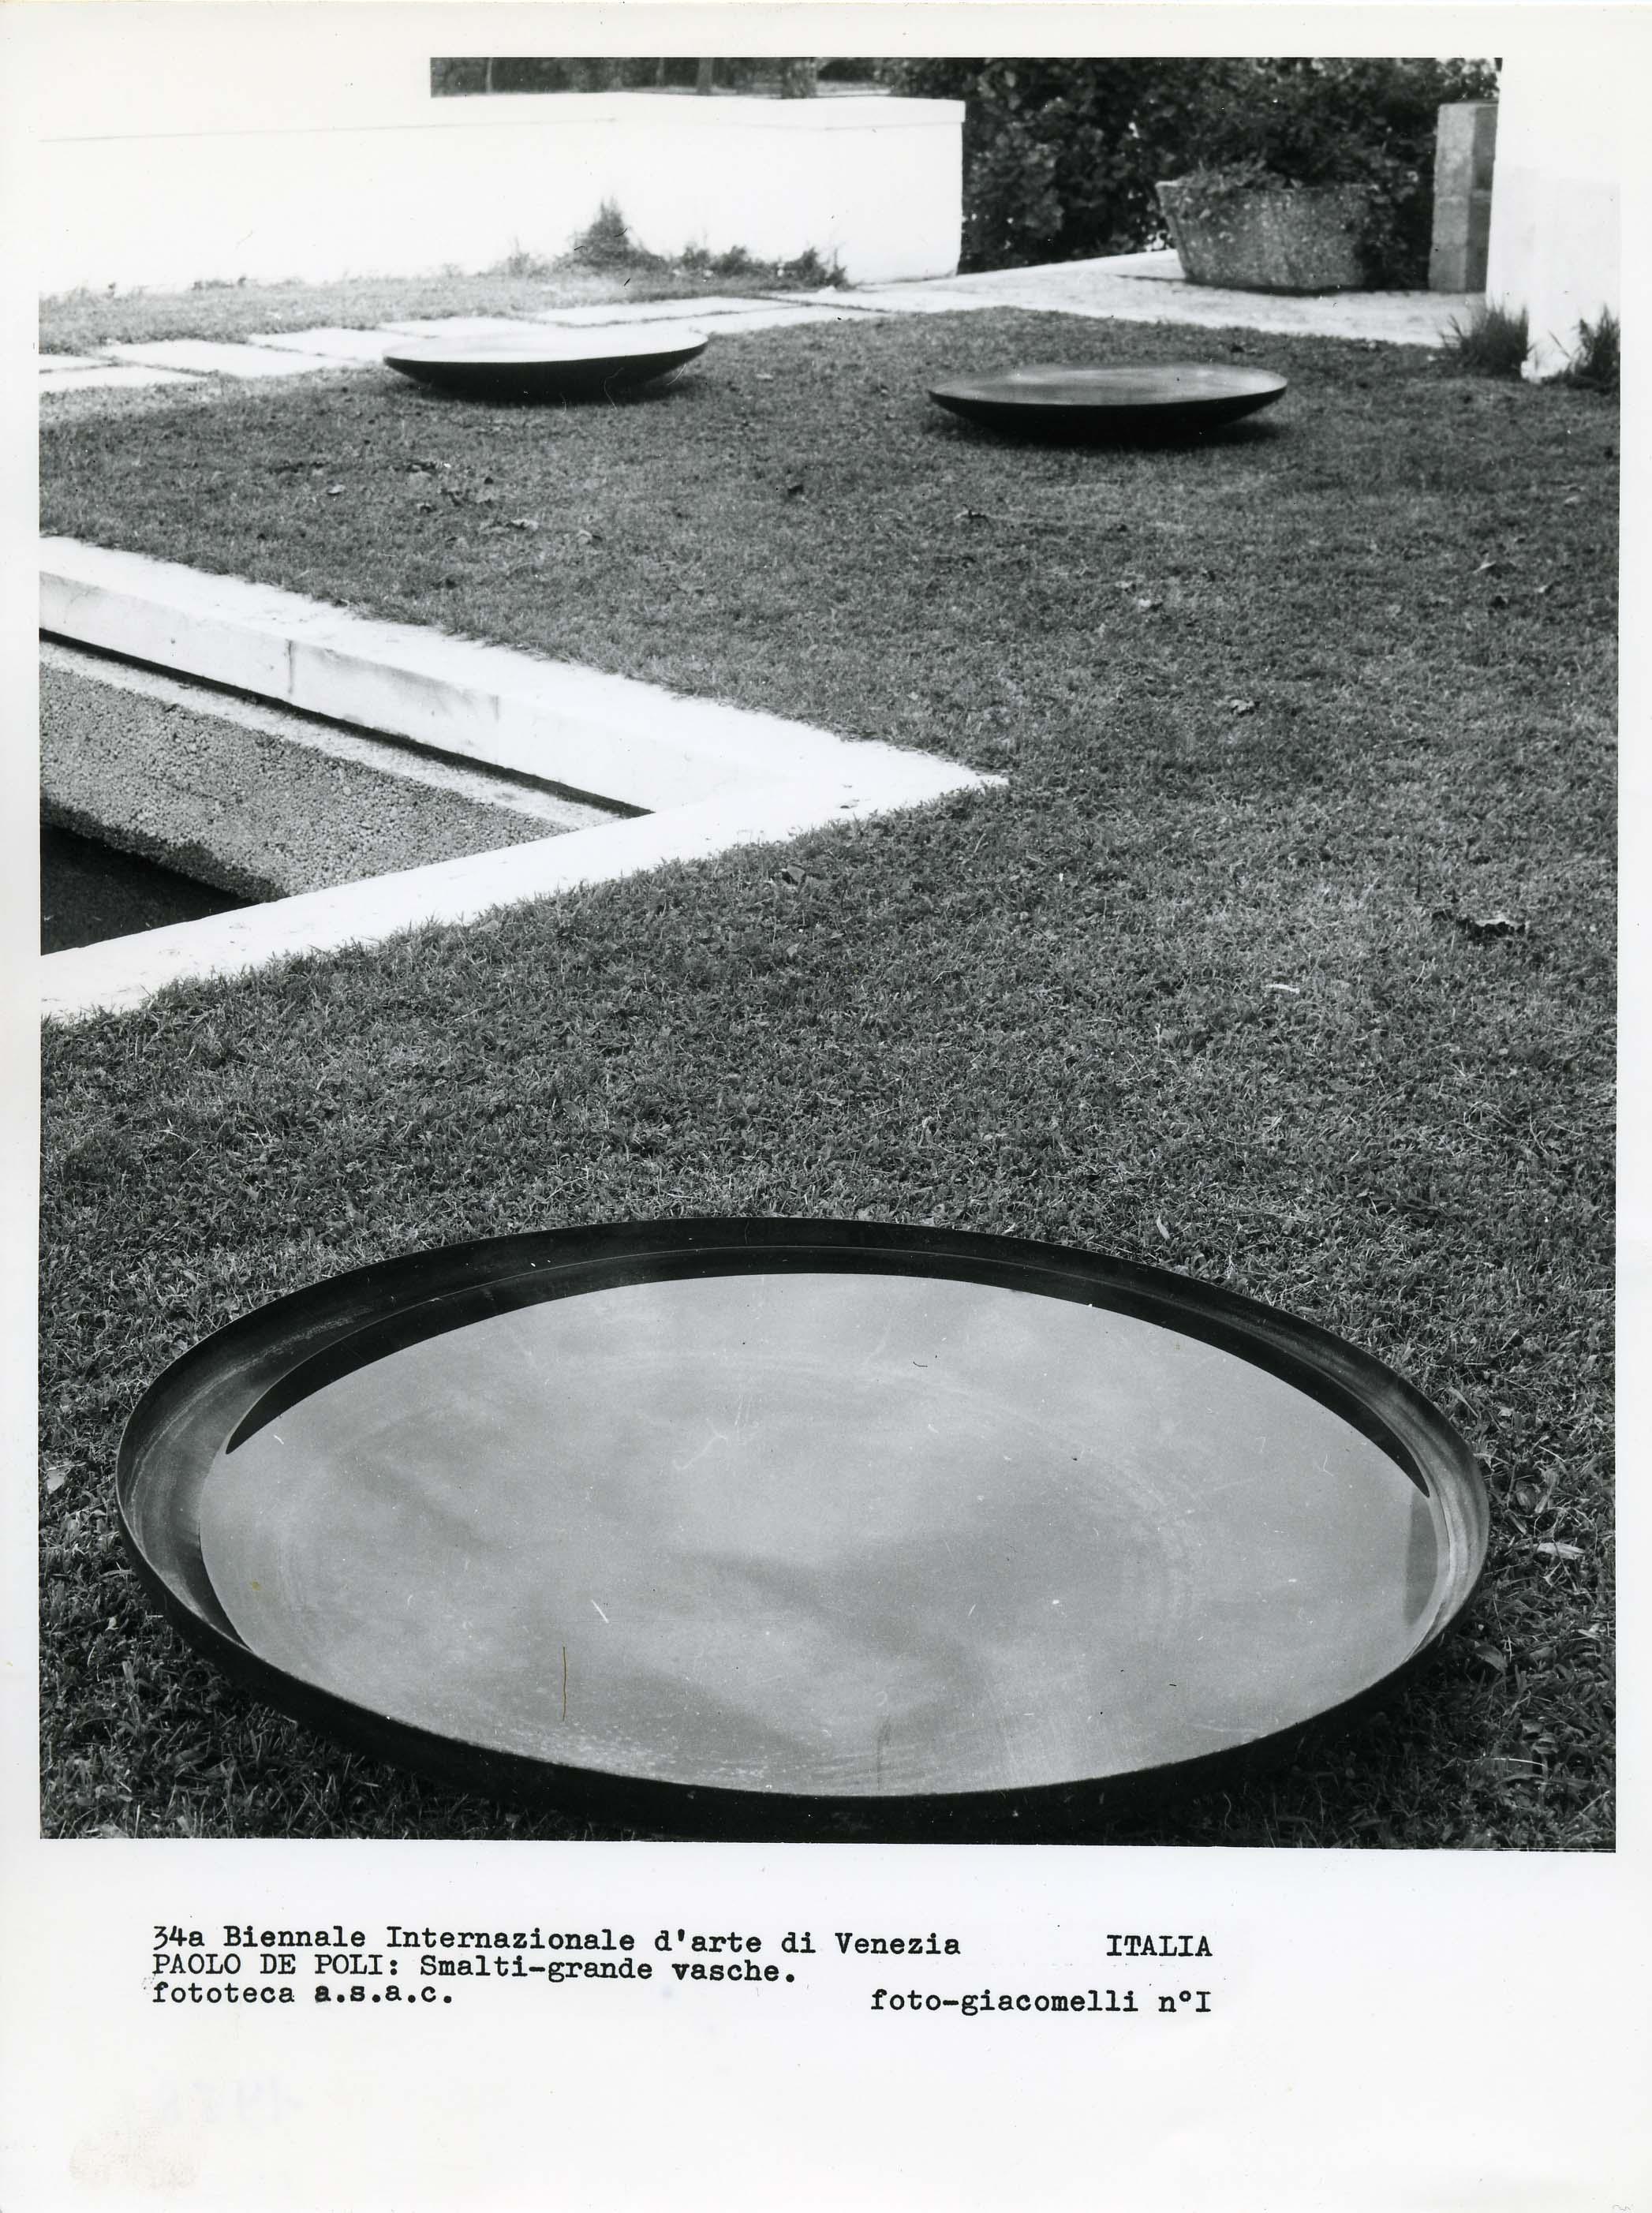 Paolo De Poli, Piattone in ferro smaltato. Venezia, Biennale 1968.